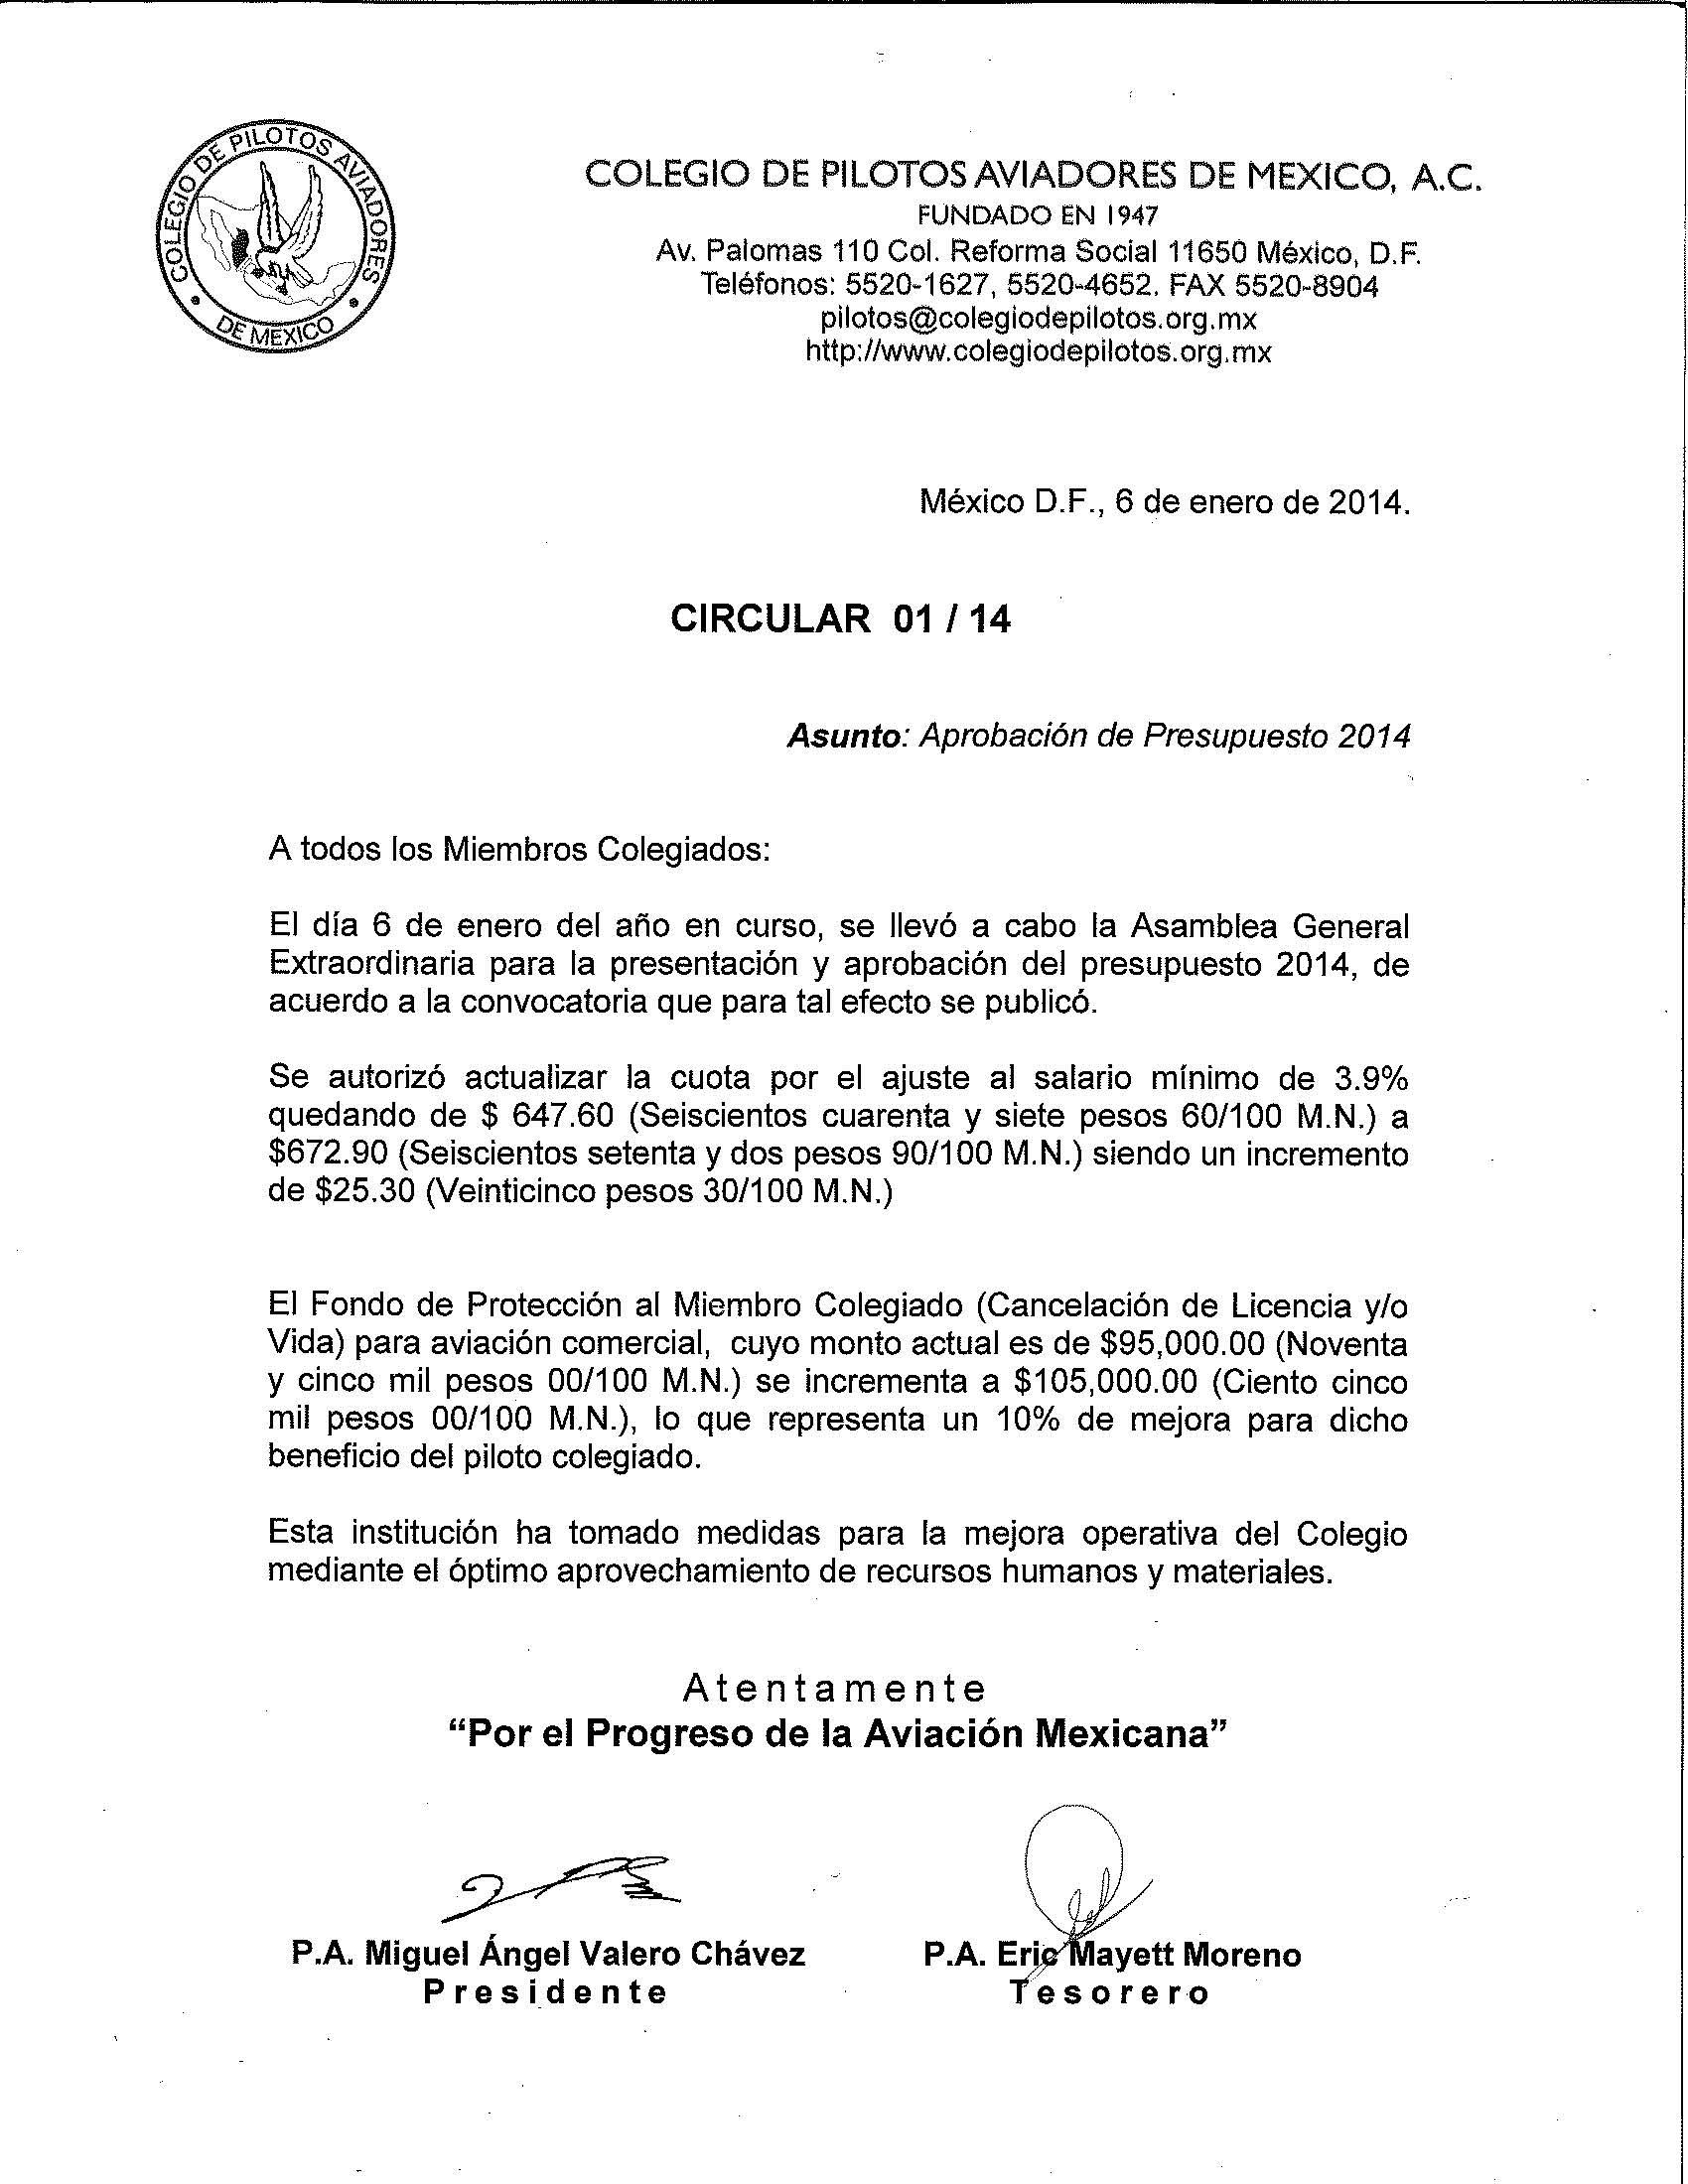 Colegio de Pilotos Aviadores de Mexico - 2014